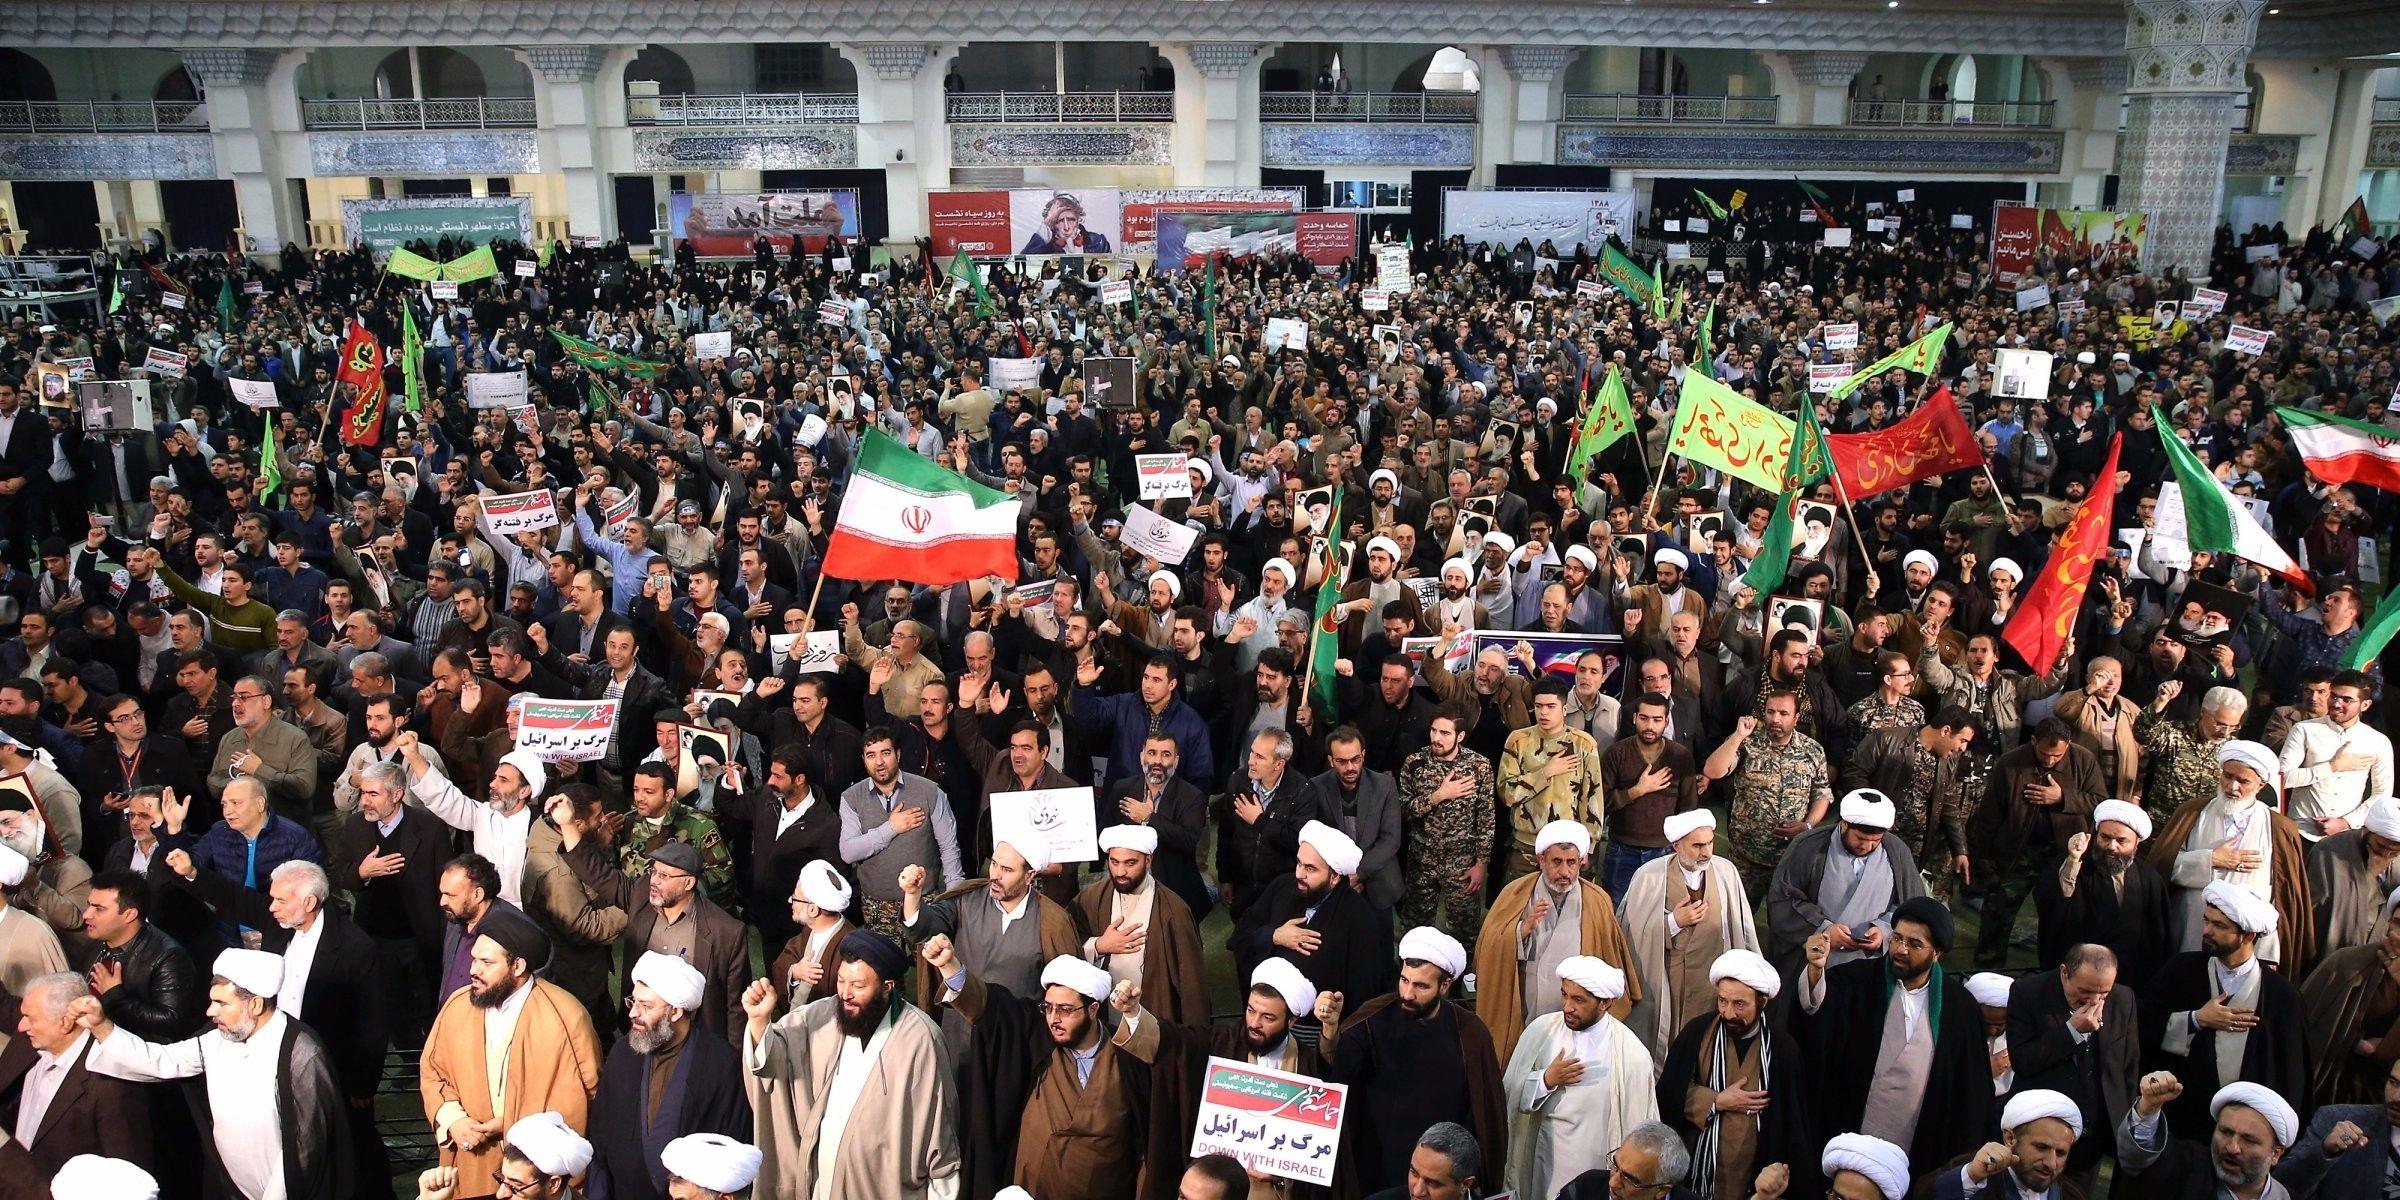 لليوم السابع على التوالي .. مظاهرات ايران في تصاعد